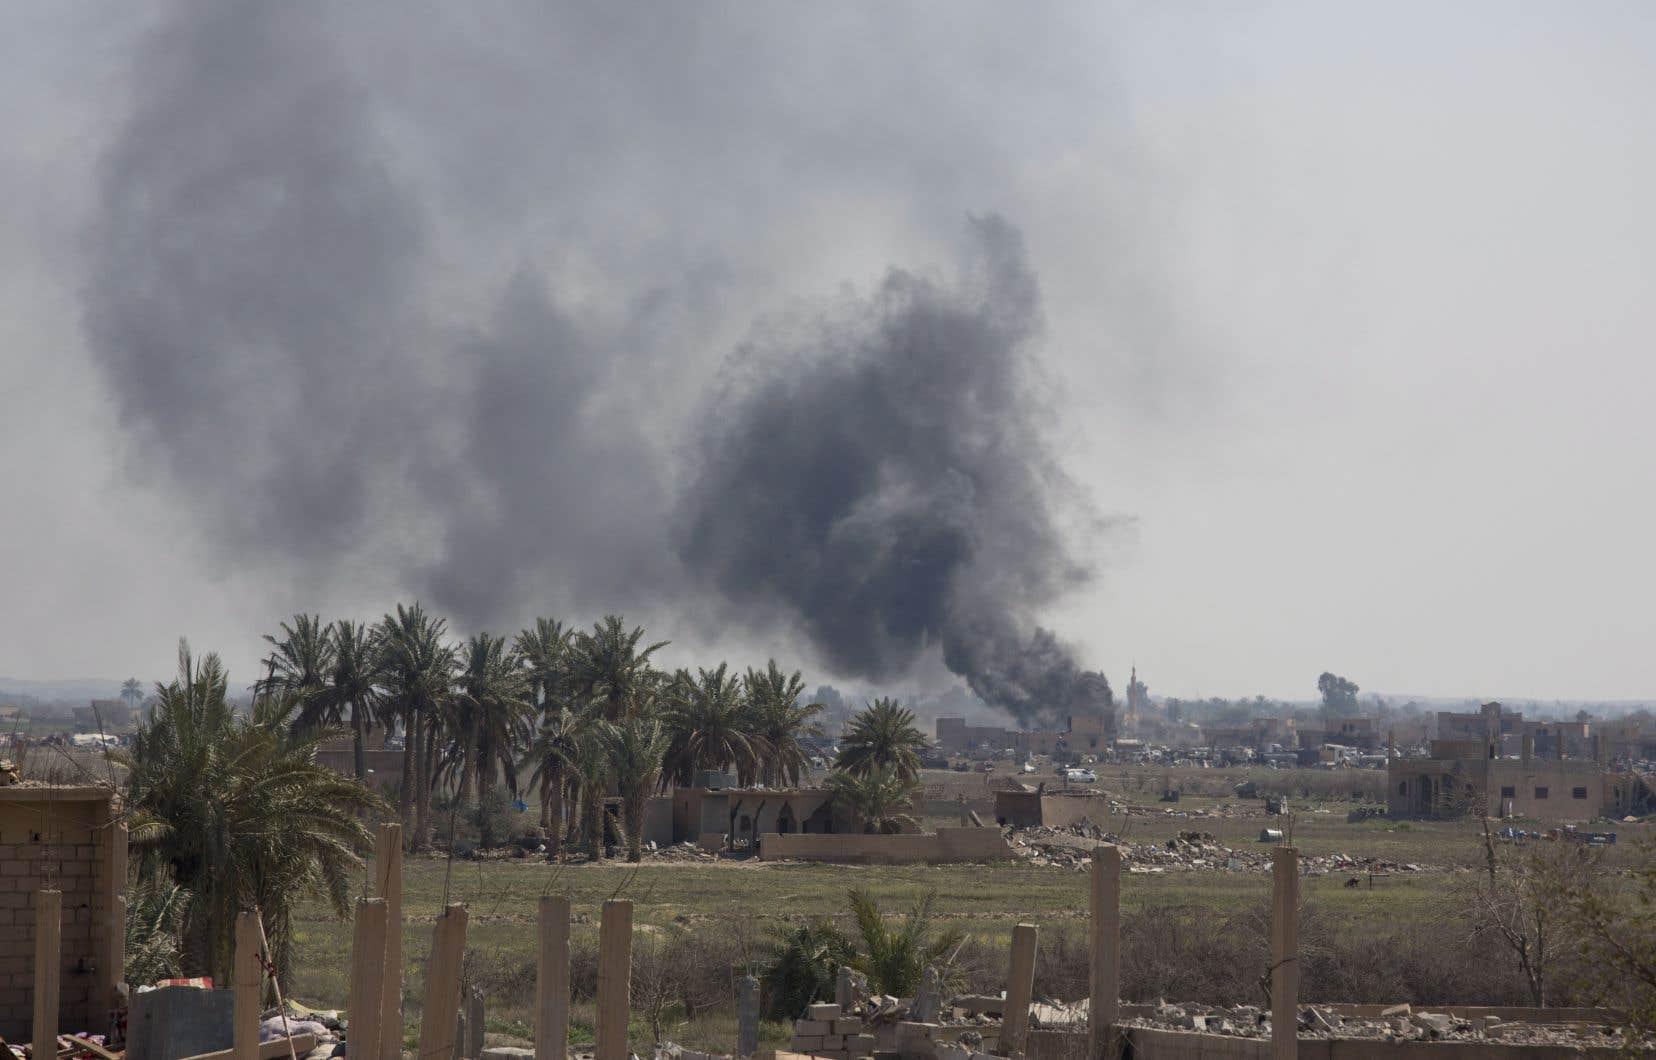 Les Forces démocratiques syriennes (FDS) sont engagées depuis décembre dans une offensive contre le groupe EI avec le soutien d'une coalition internationale antidjihadiste menée par Washington.